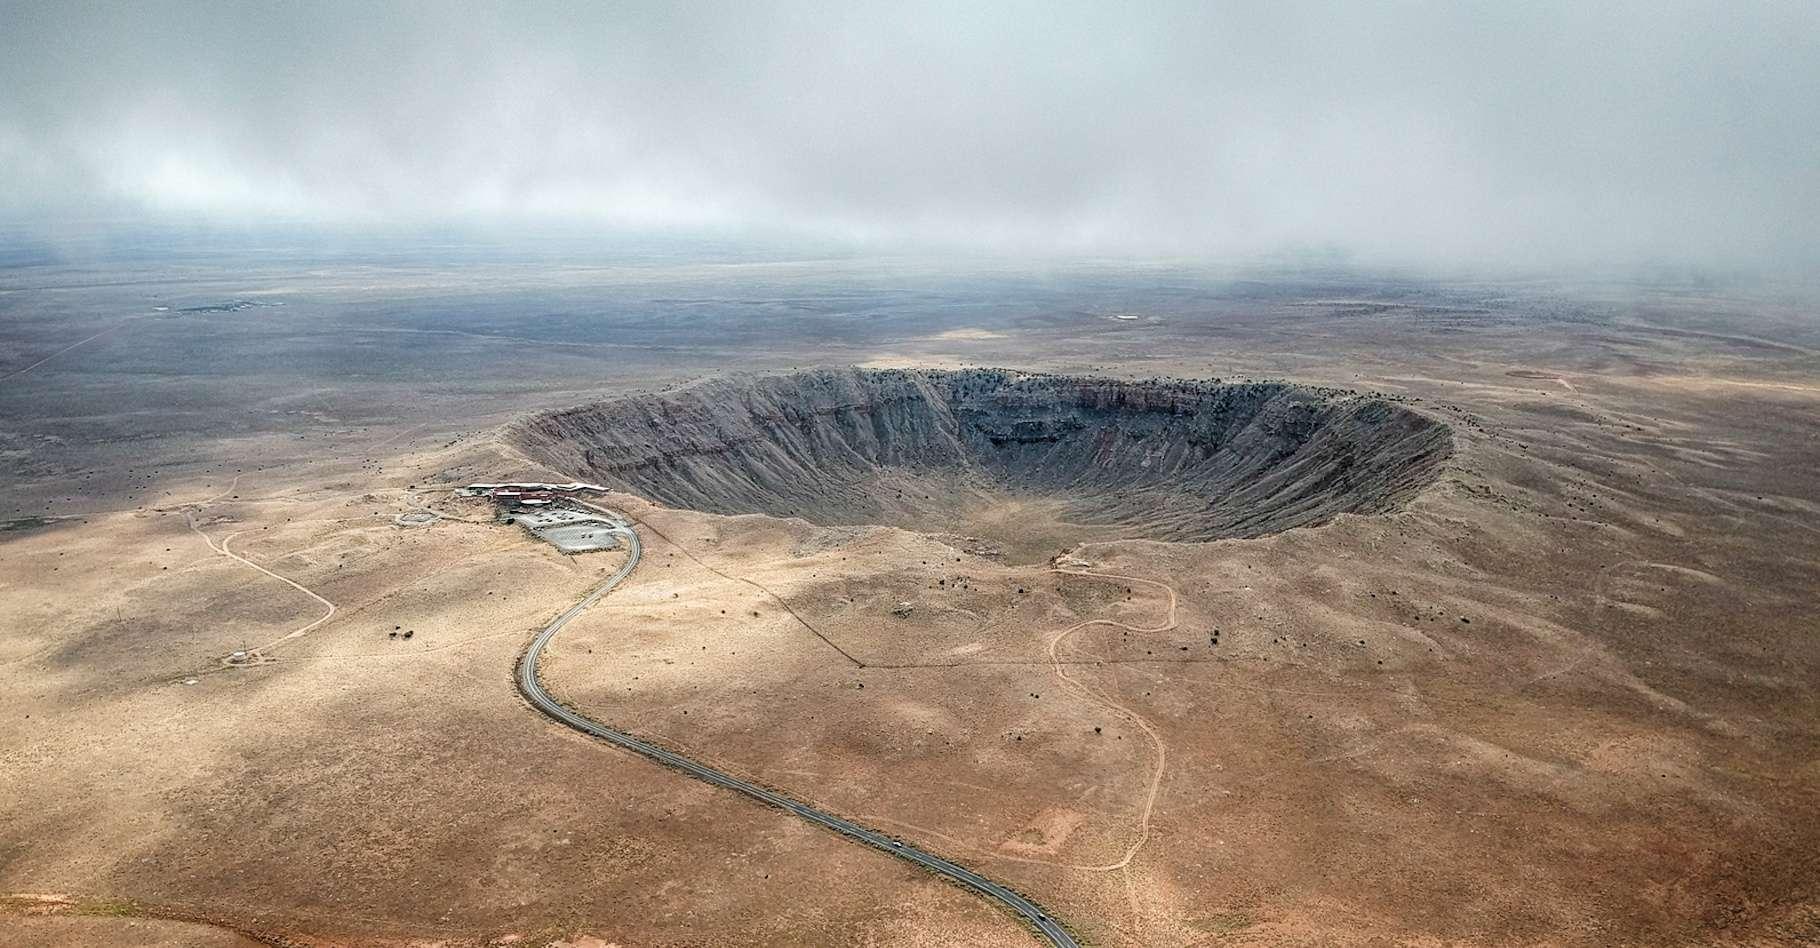 Il y a quelque 50.000 ans, la chute d'une météorite a formé un cratère – connu sous le nom de Meteor Crater - de quelque 1.300 mètres de diamètre en Arizona (États-Unis). © anderm, Fotolia